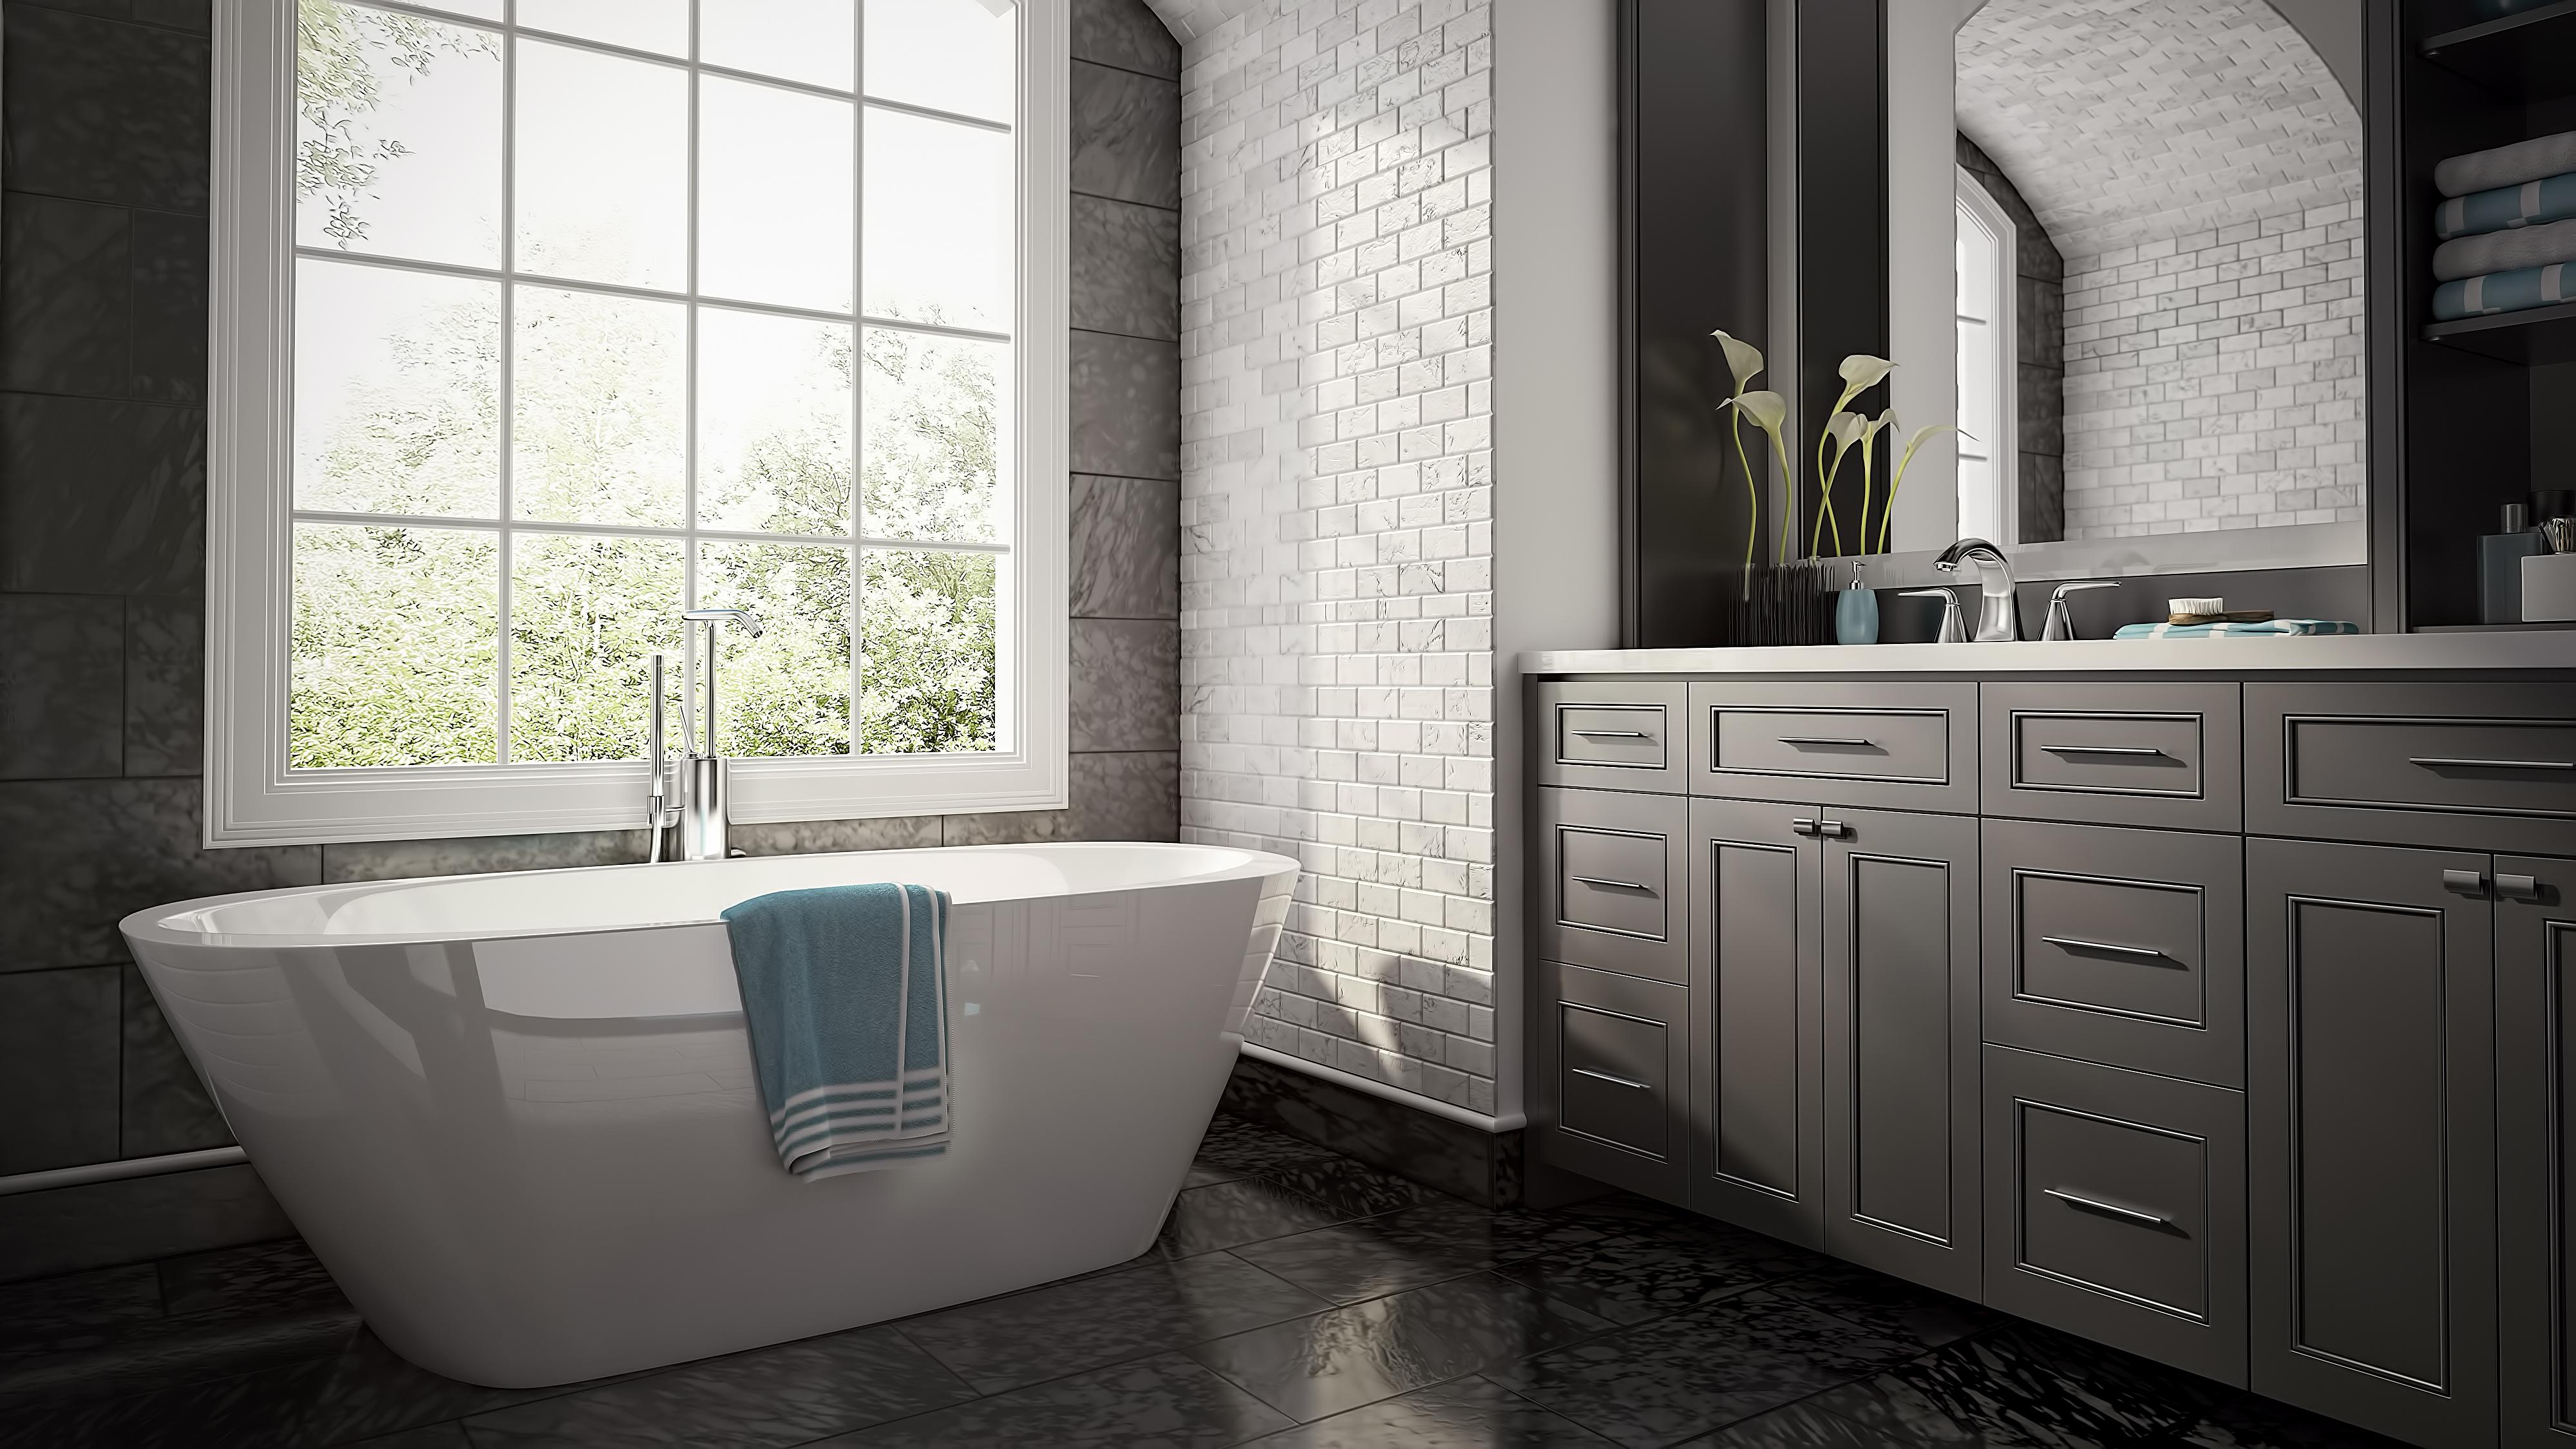 projet salle de bain 3d simulations 3d pour les projets de r novation et projet salle de bain. Black Bedroom Furniture Sets. Home Design Ideas